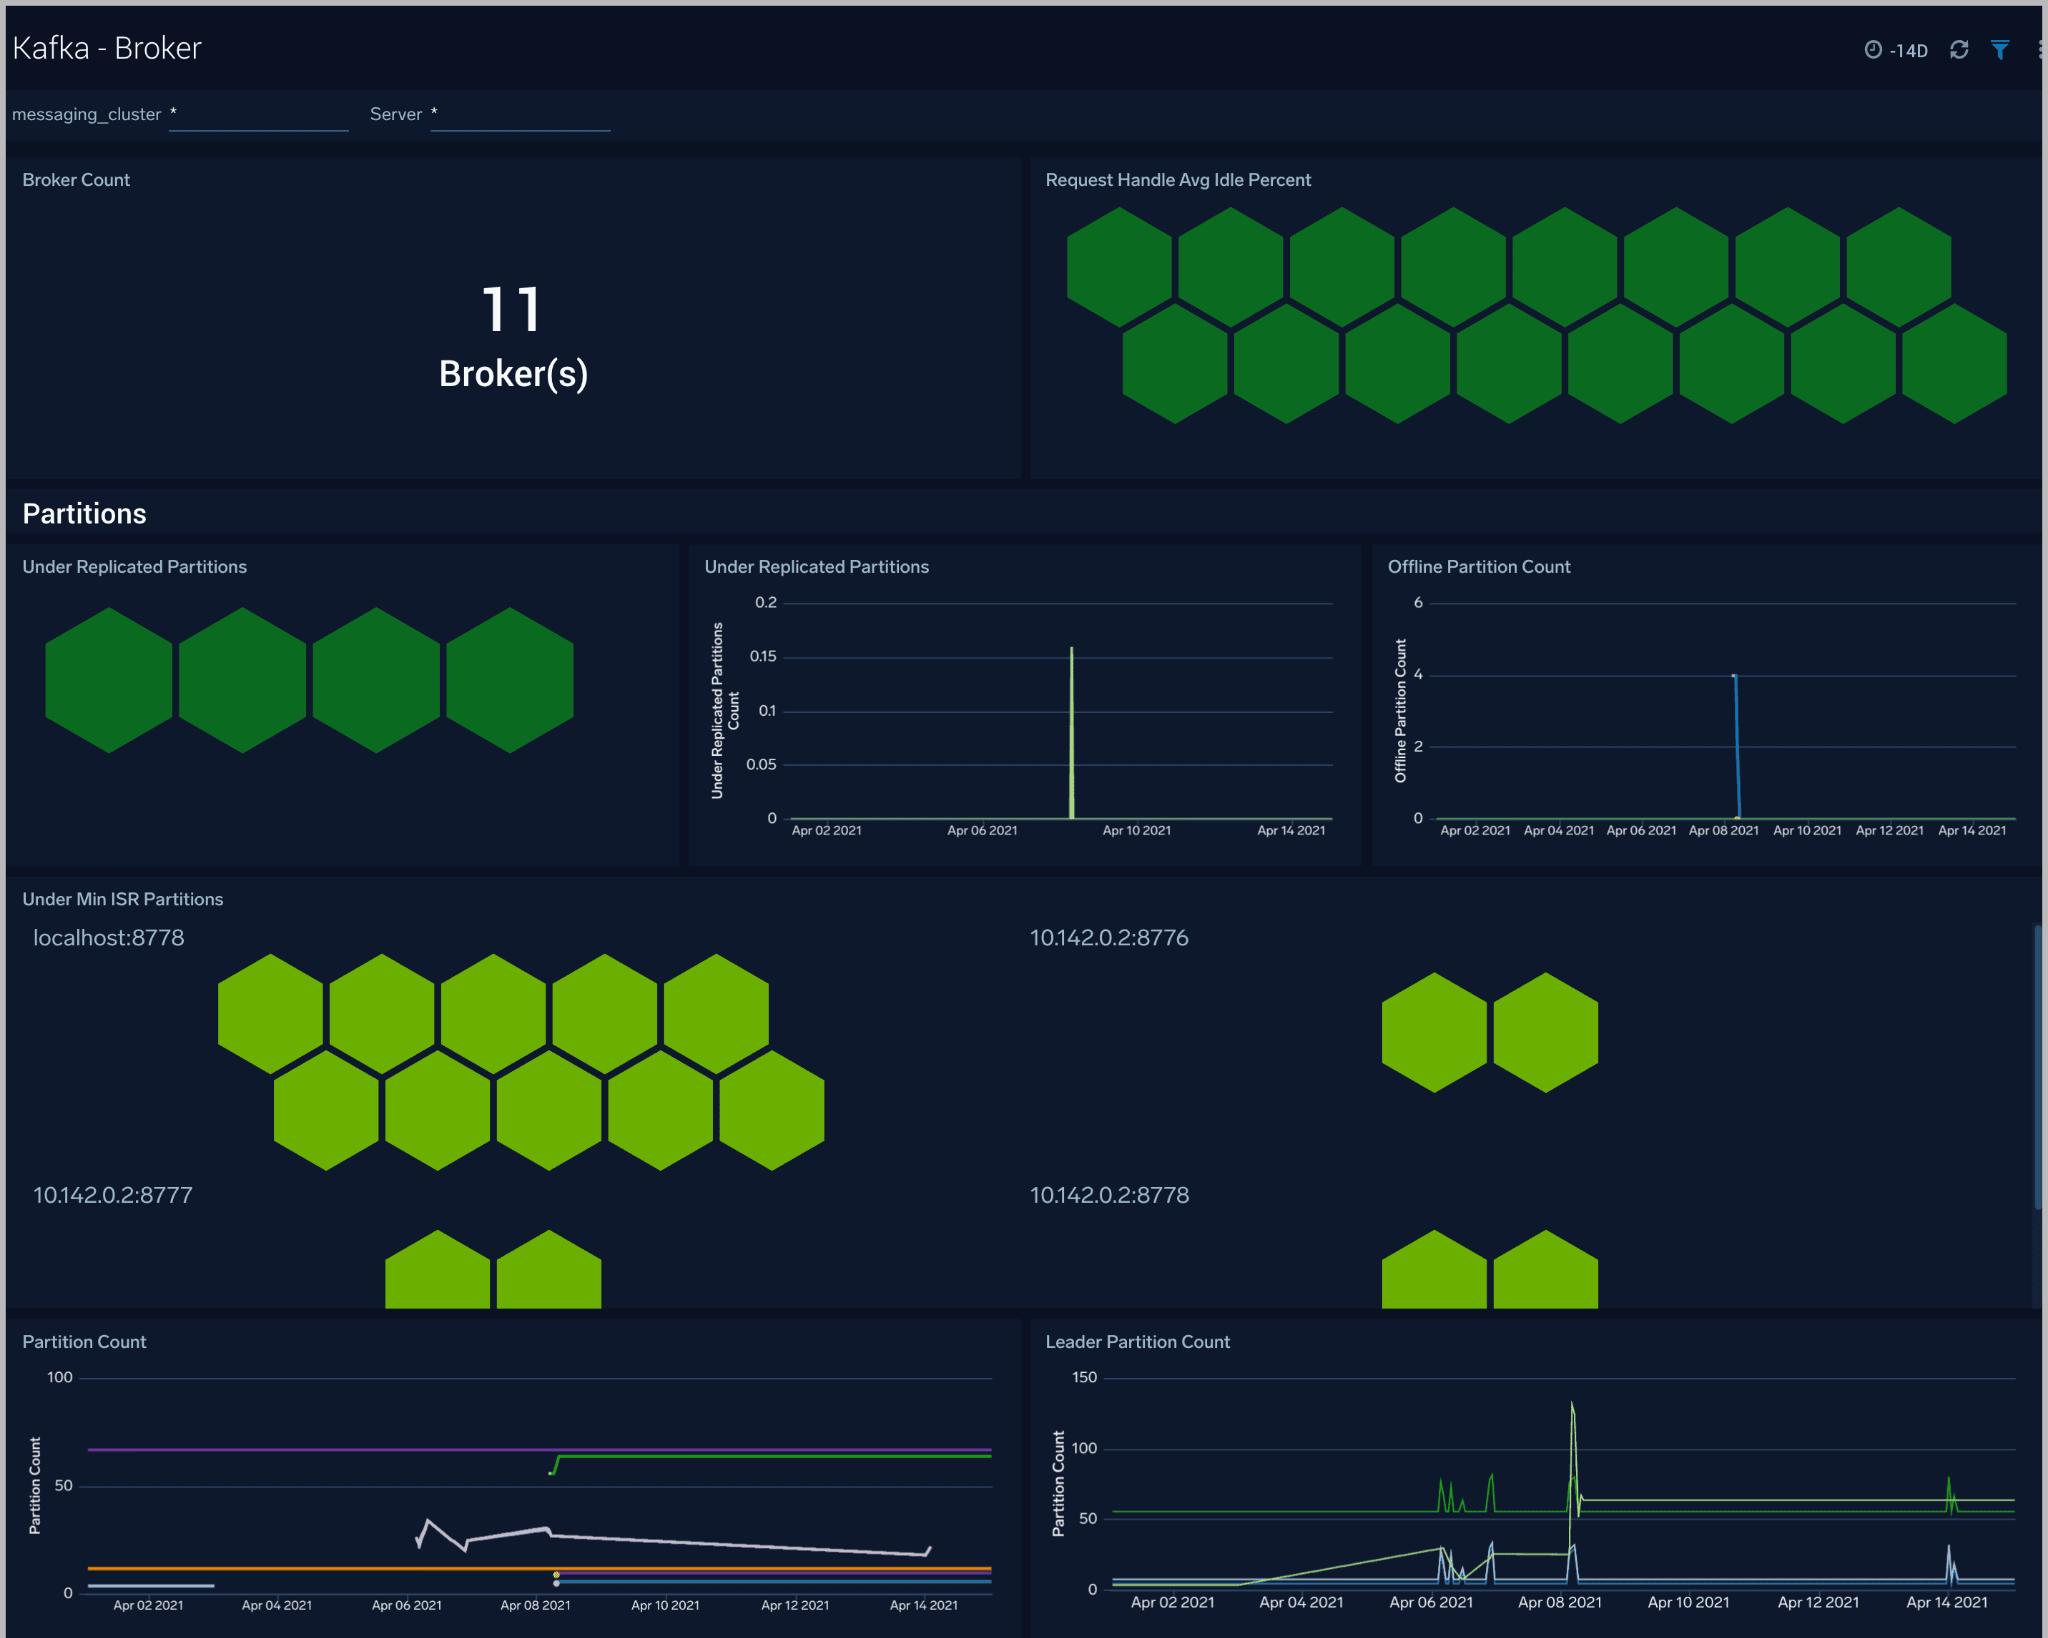 Kafka - Broker dashboard